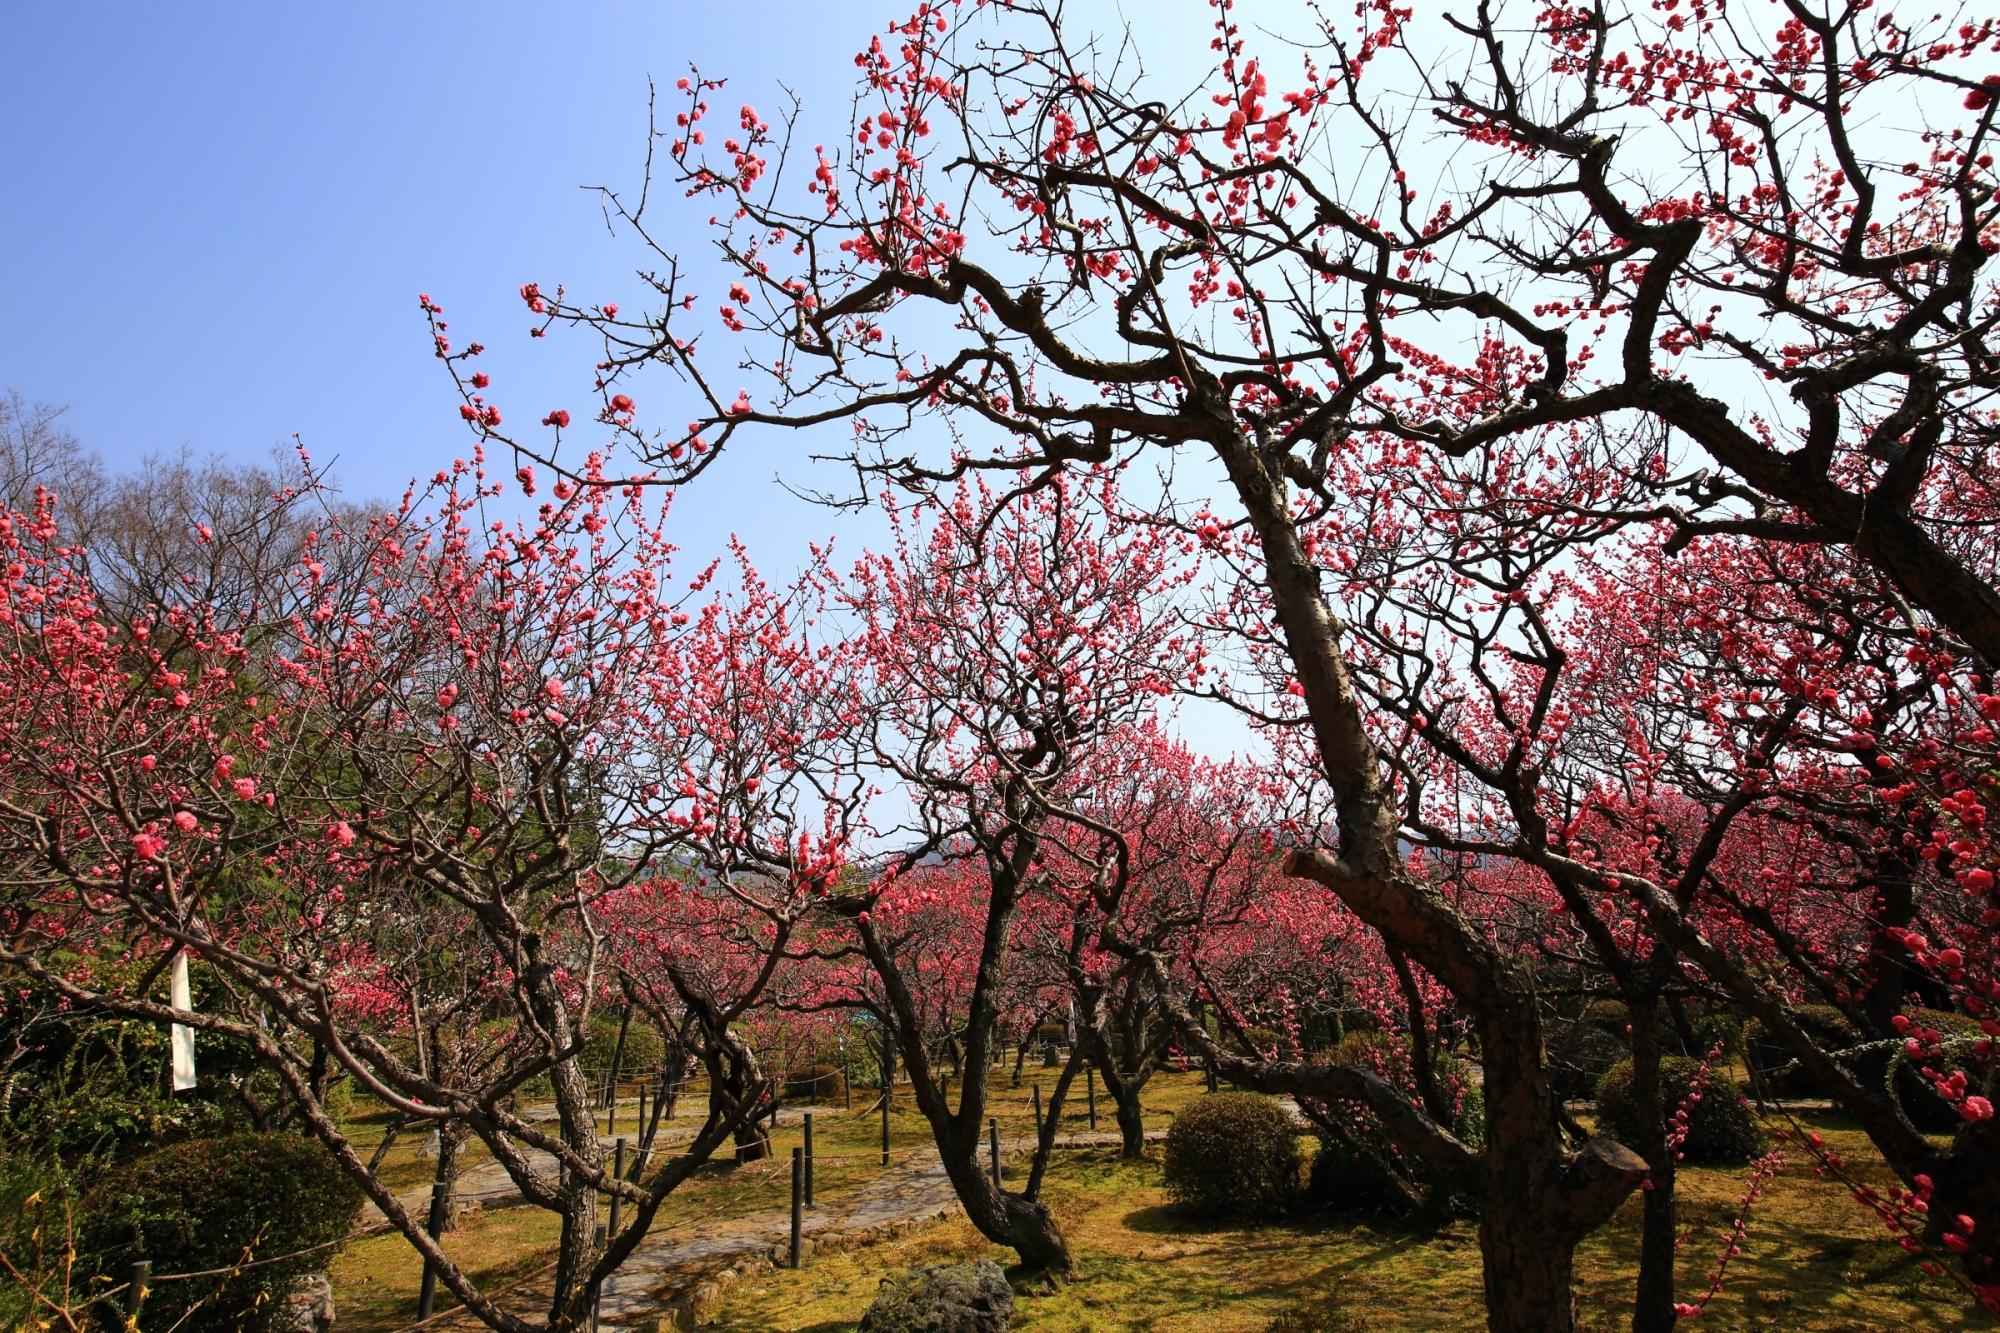 自然の造り出す芸術的な枝と綺麗な梅の花